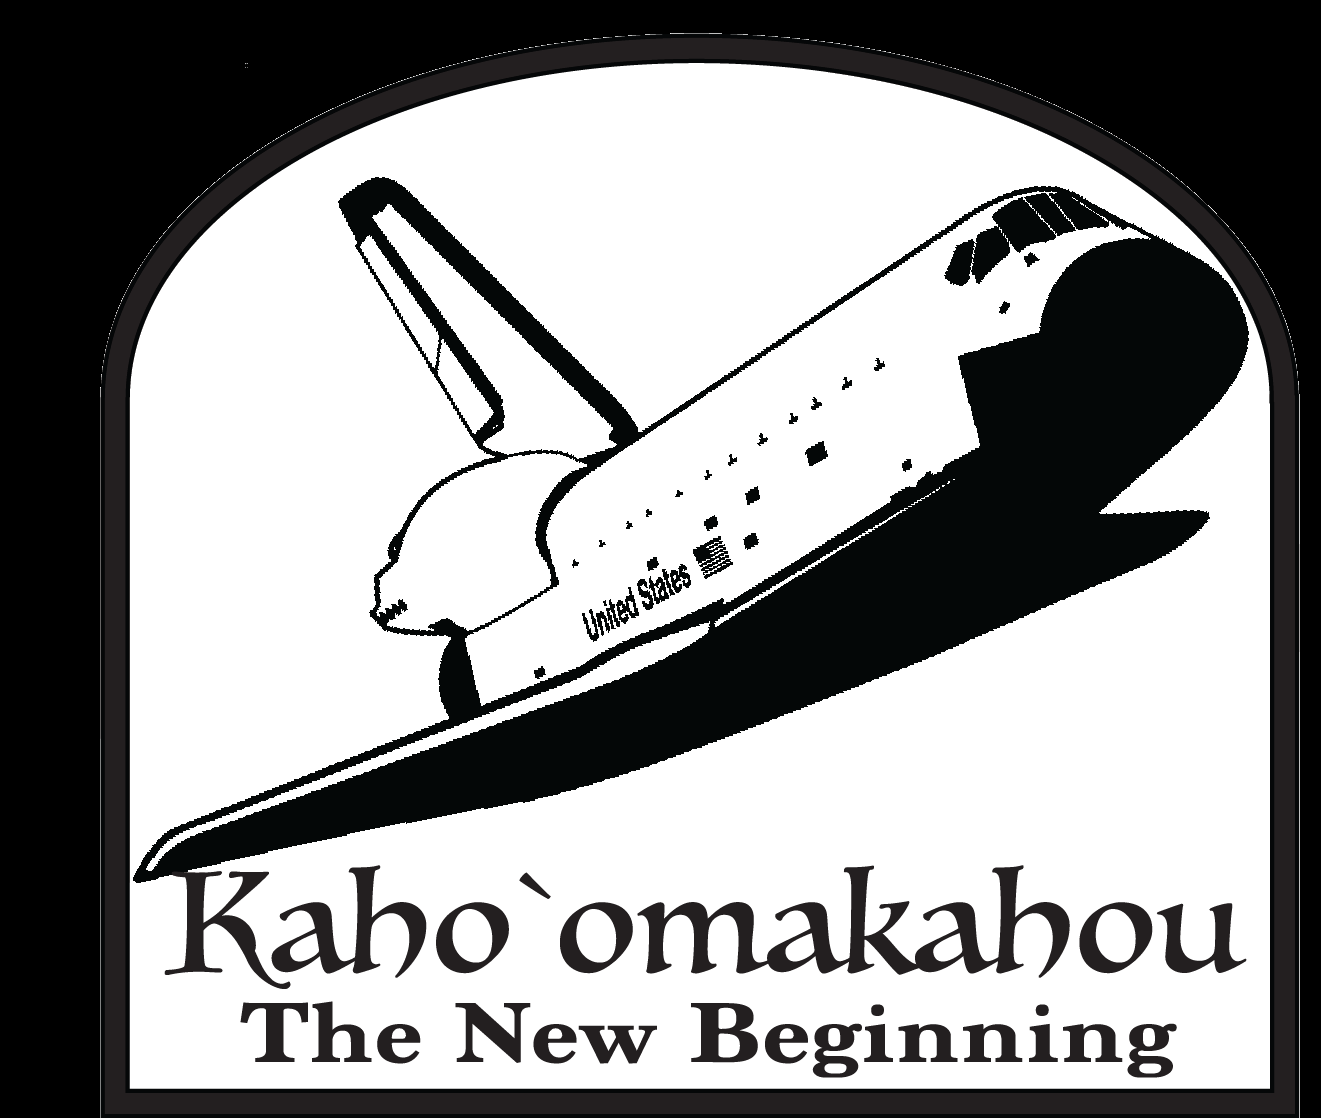 Kaho'omakahou